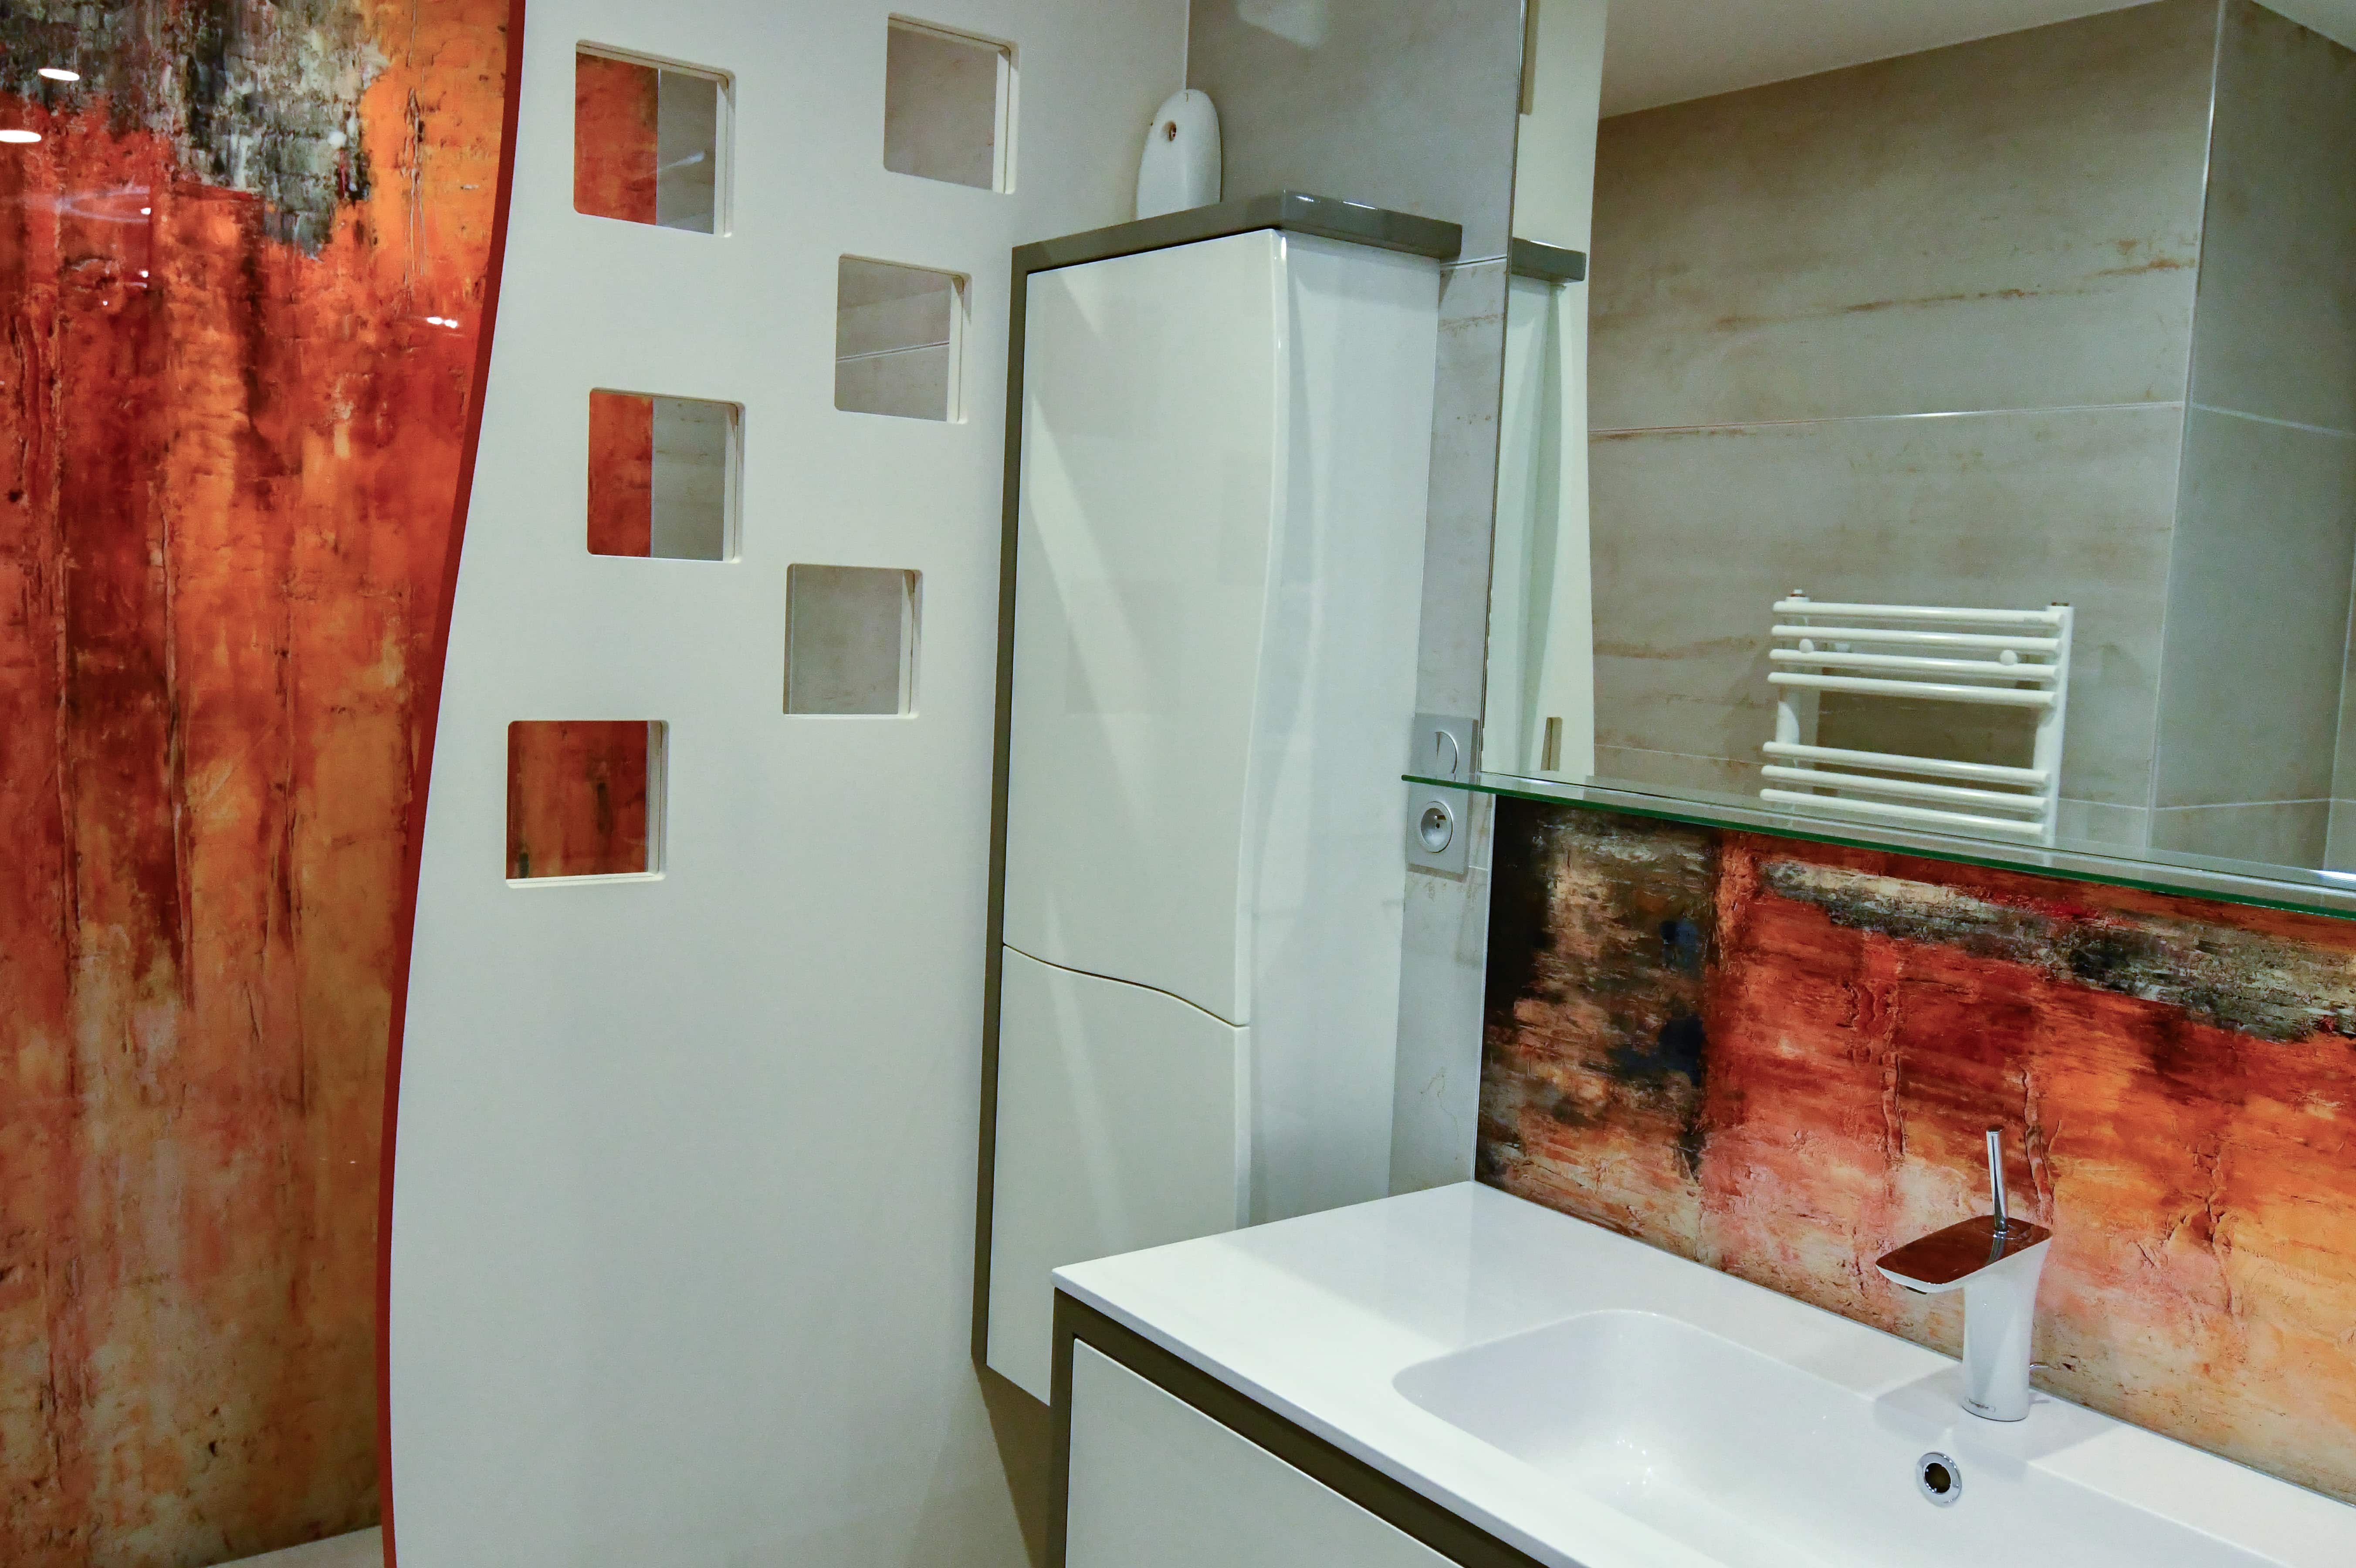 1 Salle de bains contemporaine aux lignes courbées 3 - Salle de bains contemporaine aux lignes courbées